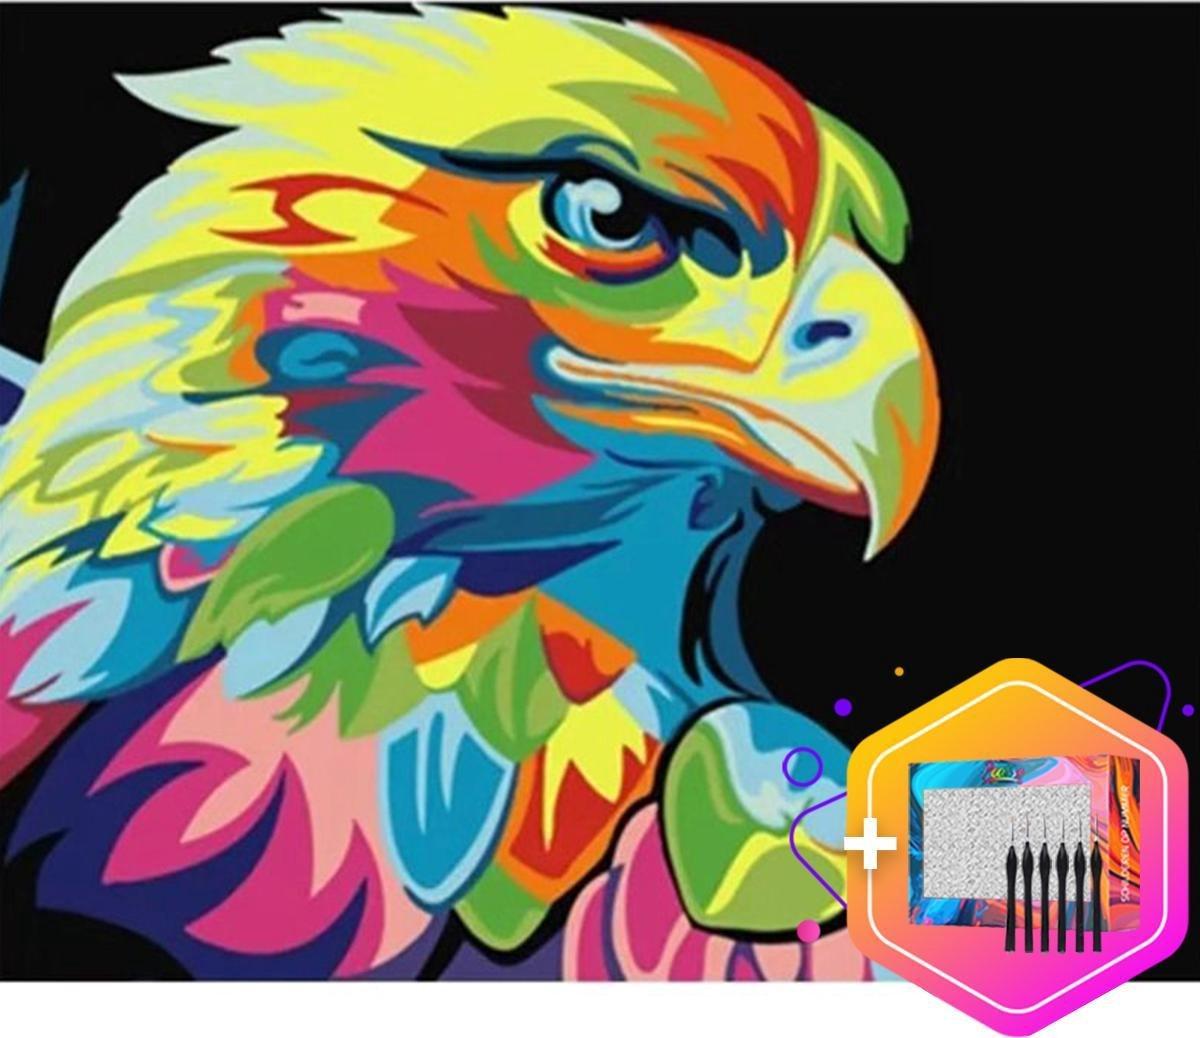 Pcasso ® Havik Artistiek - Schilderen Op Nummer - Incl. 6 Ergonomische Penselen En Geschenkverpakking - Schilderen Op Nummer Dieren - Schilderen Op Nummer Volwassenen - vogel - Canvas Schilderdoek - Kleuren Op Nummer - 40x50 cm